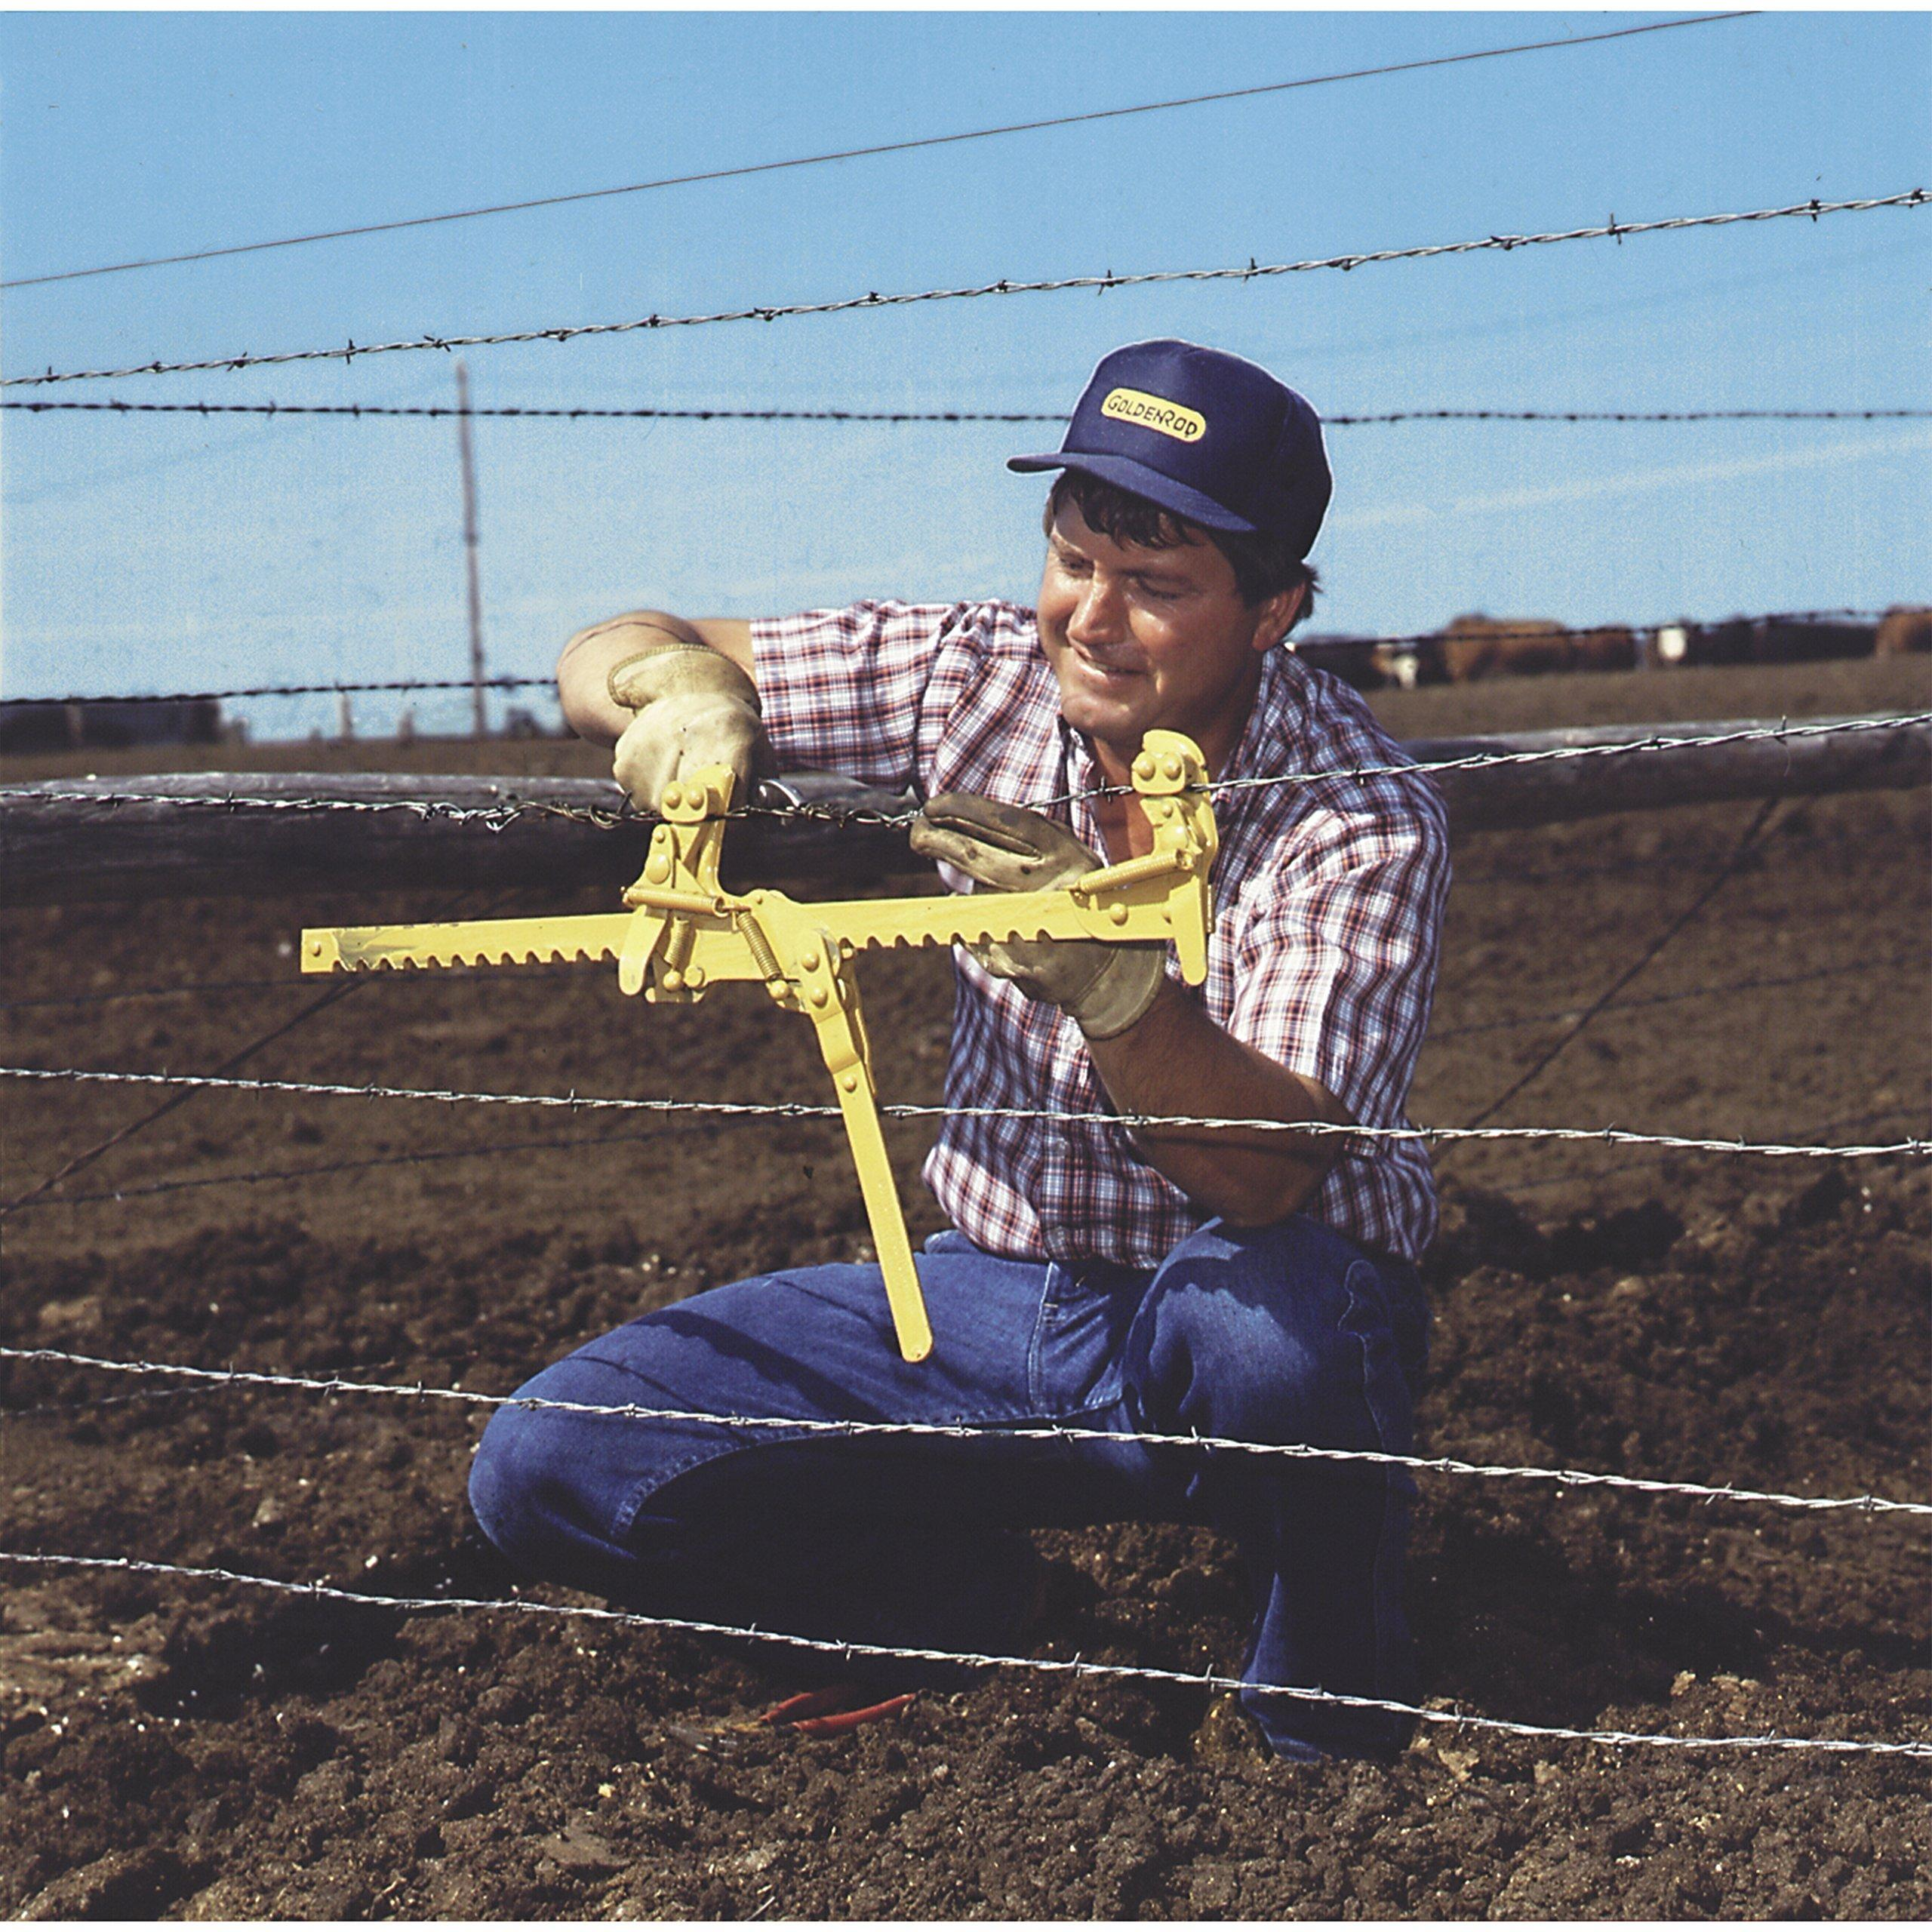 Dutton-Lainson 400 All-Purpose Fence Stretcher//Splicer by Dutton-Lainson Company